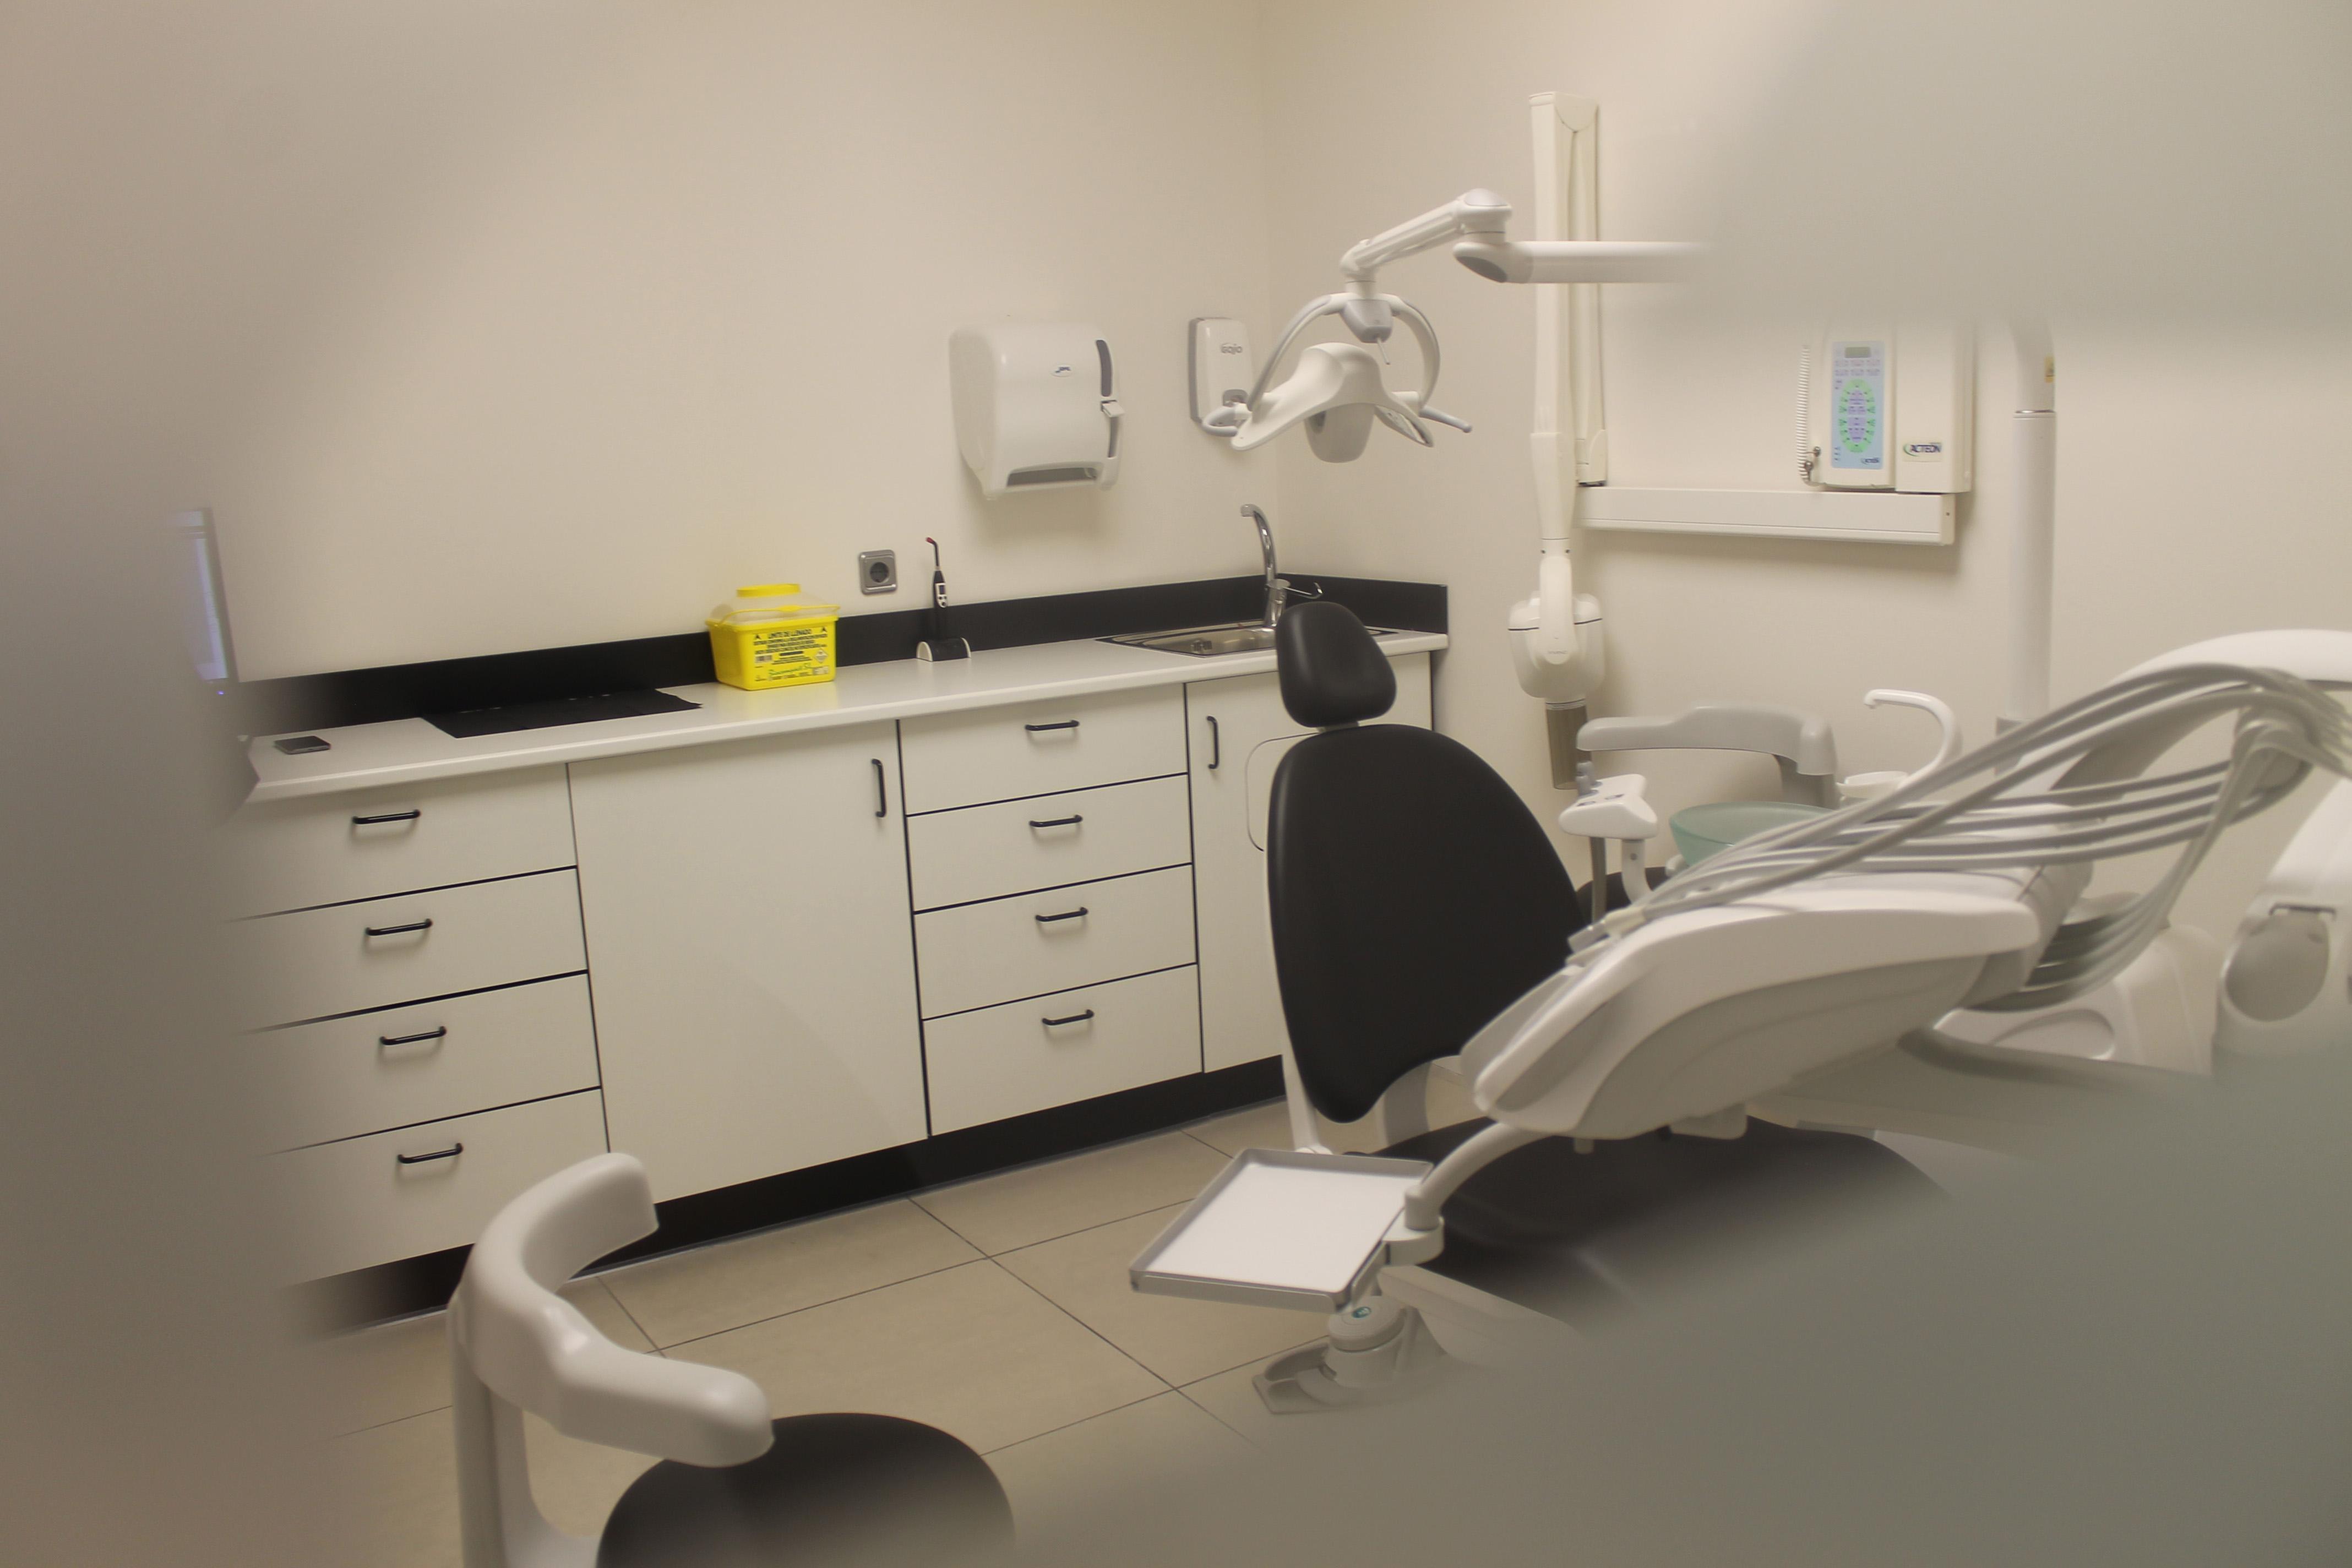 http://www.clinicaodontologicadepostgrados.com/wp-content/uploads/2017/04/instalaciones-clinica-2.jpg